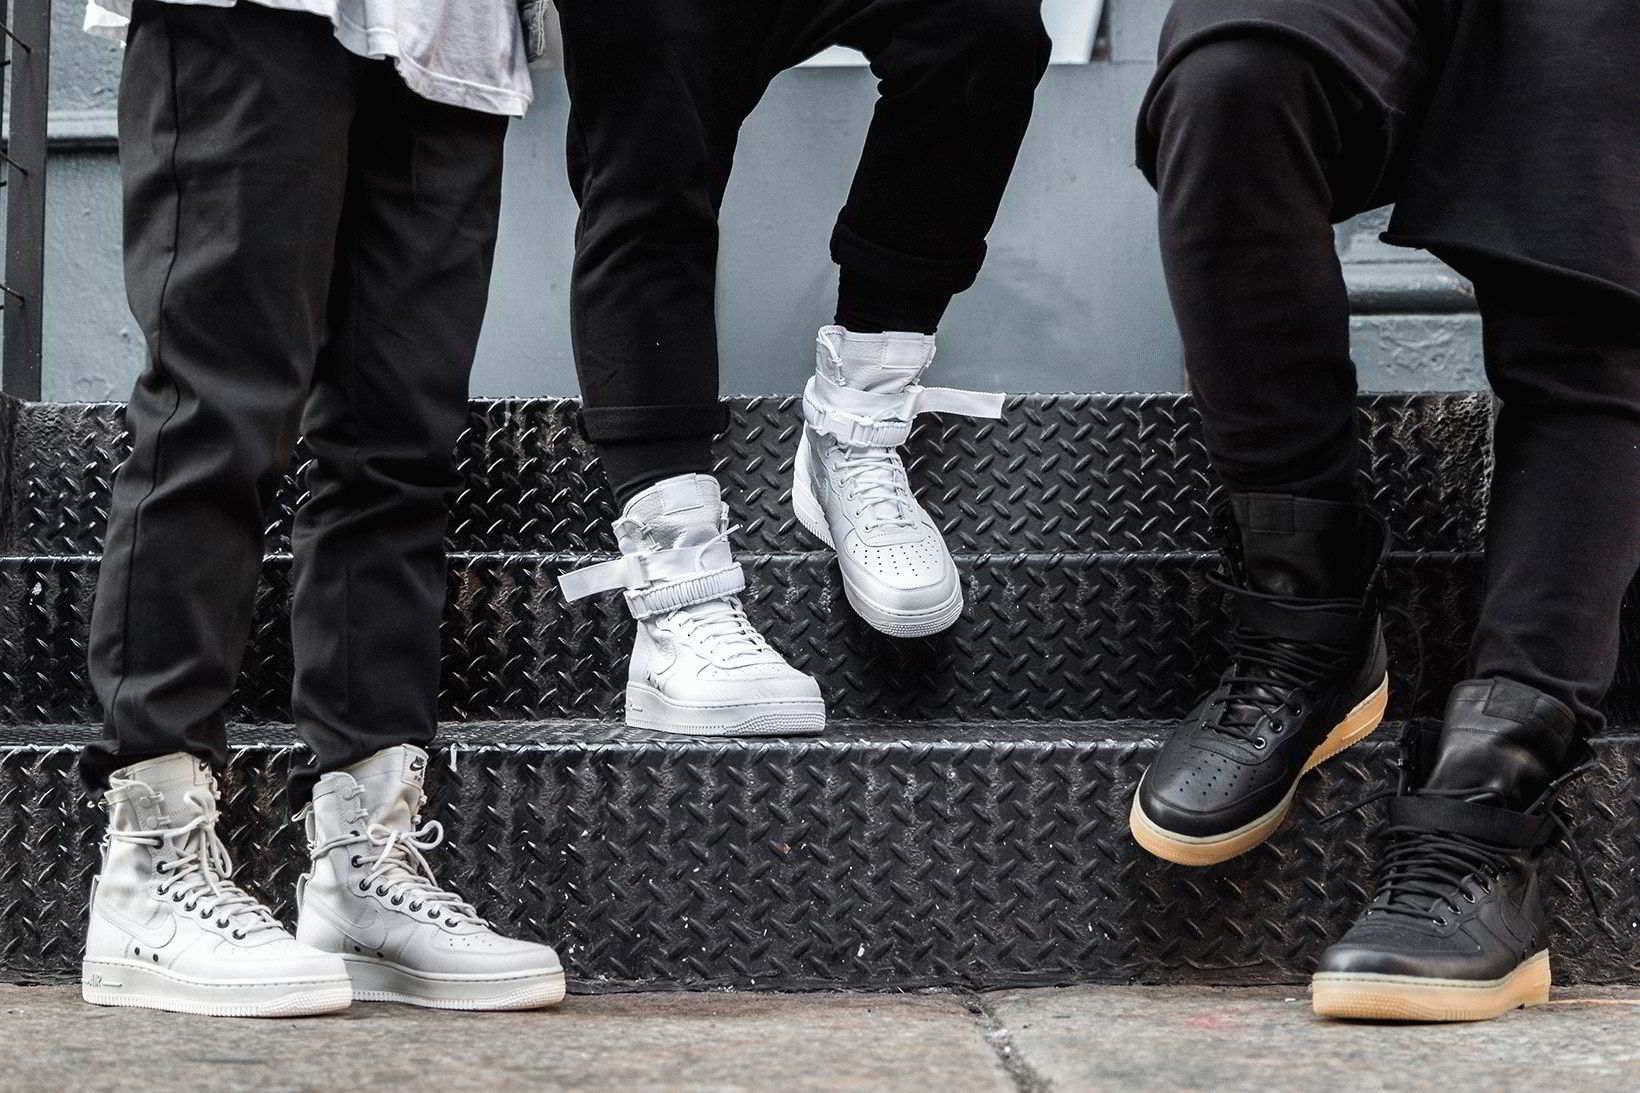 9ab8ac19d Здесь необходима специальная, спортивная обувь. Тут-то и открывается  огромный, безграничный мир индустрии кроссовок, в котором каждый мужчина  найдёт что-то ...